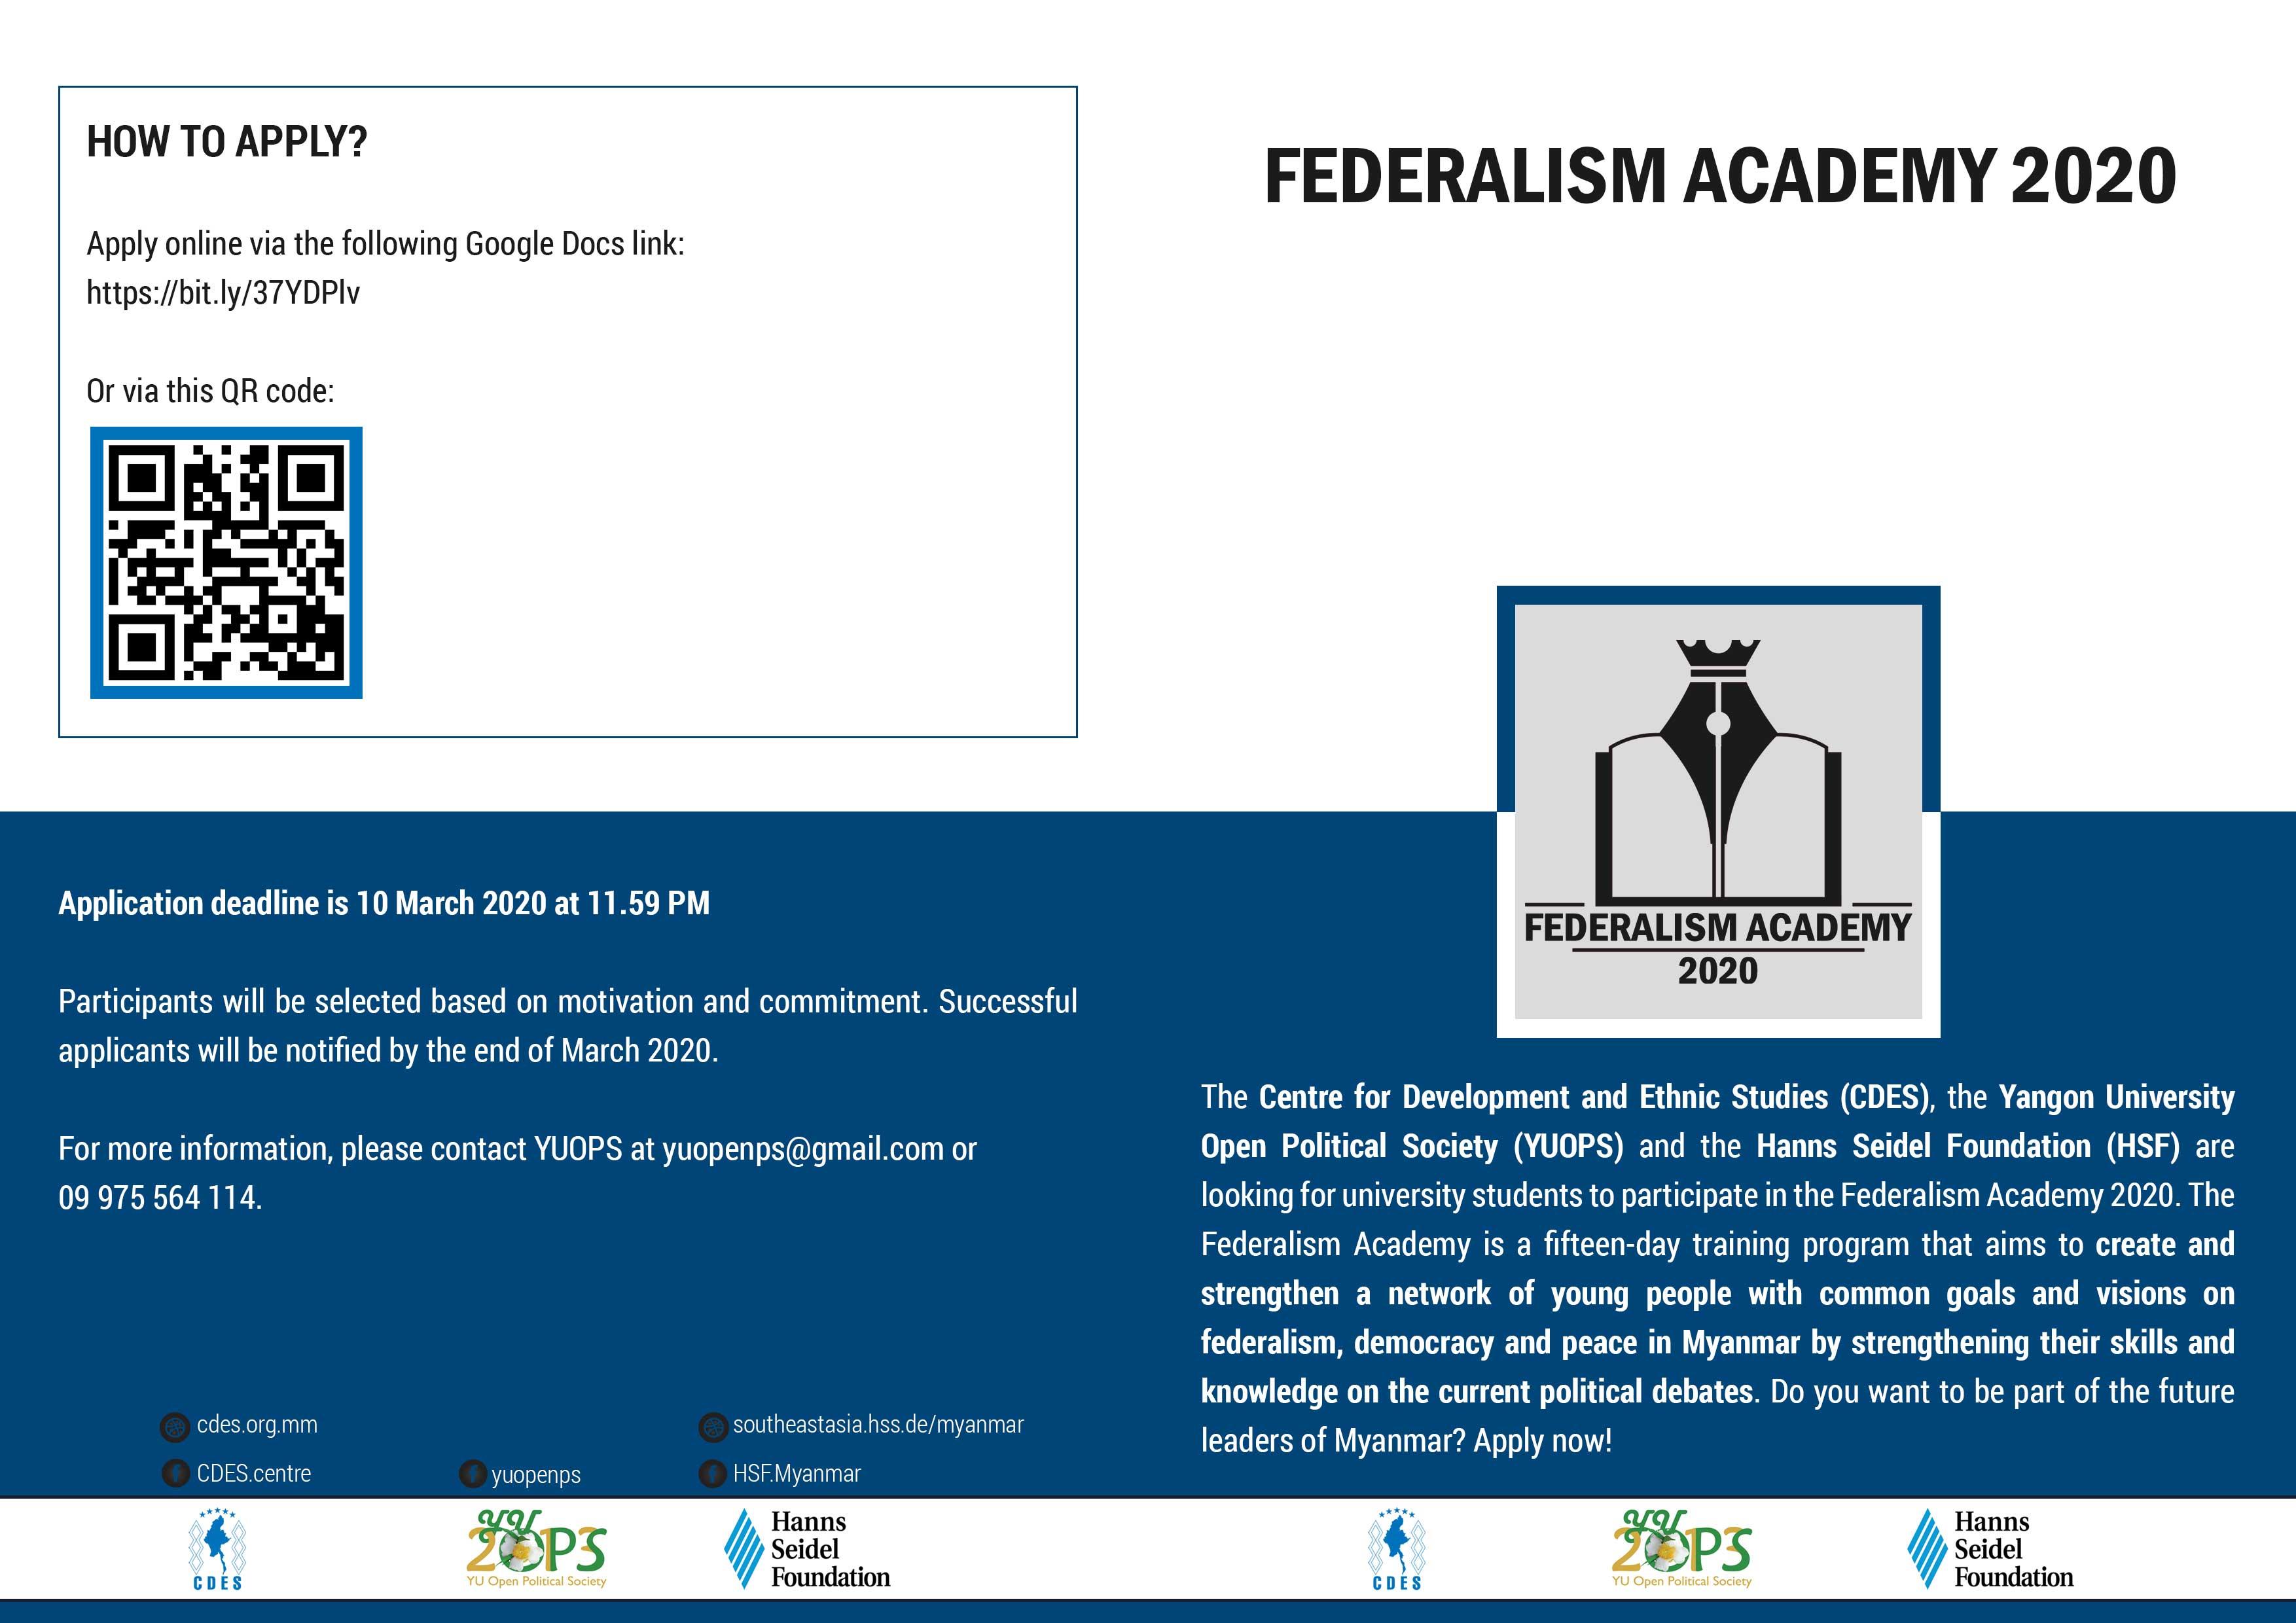 Federalism Academy